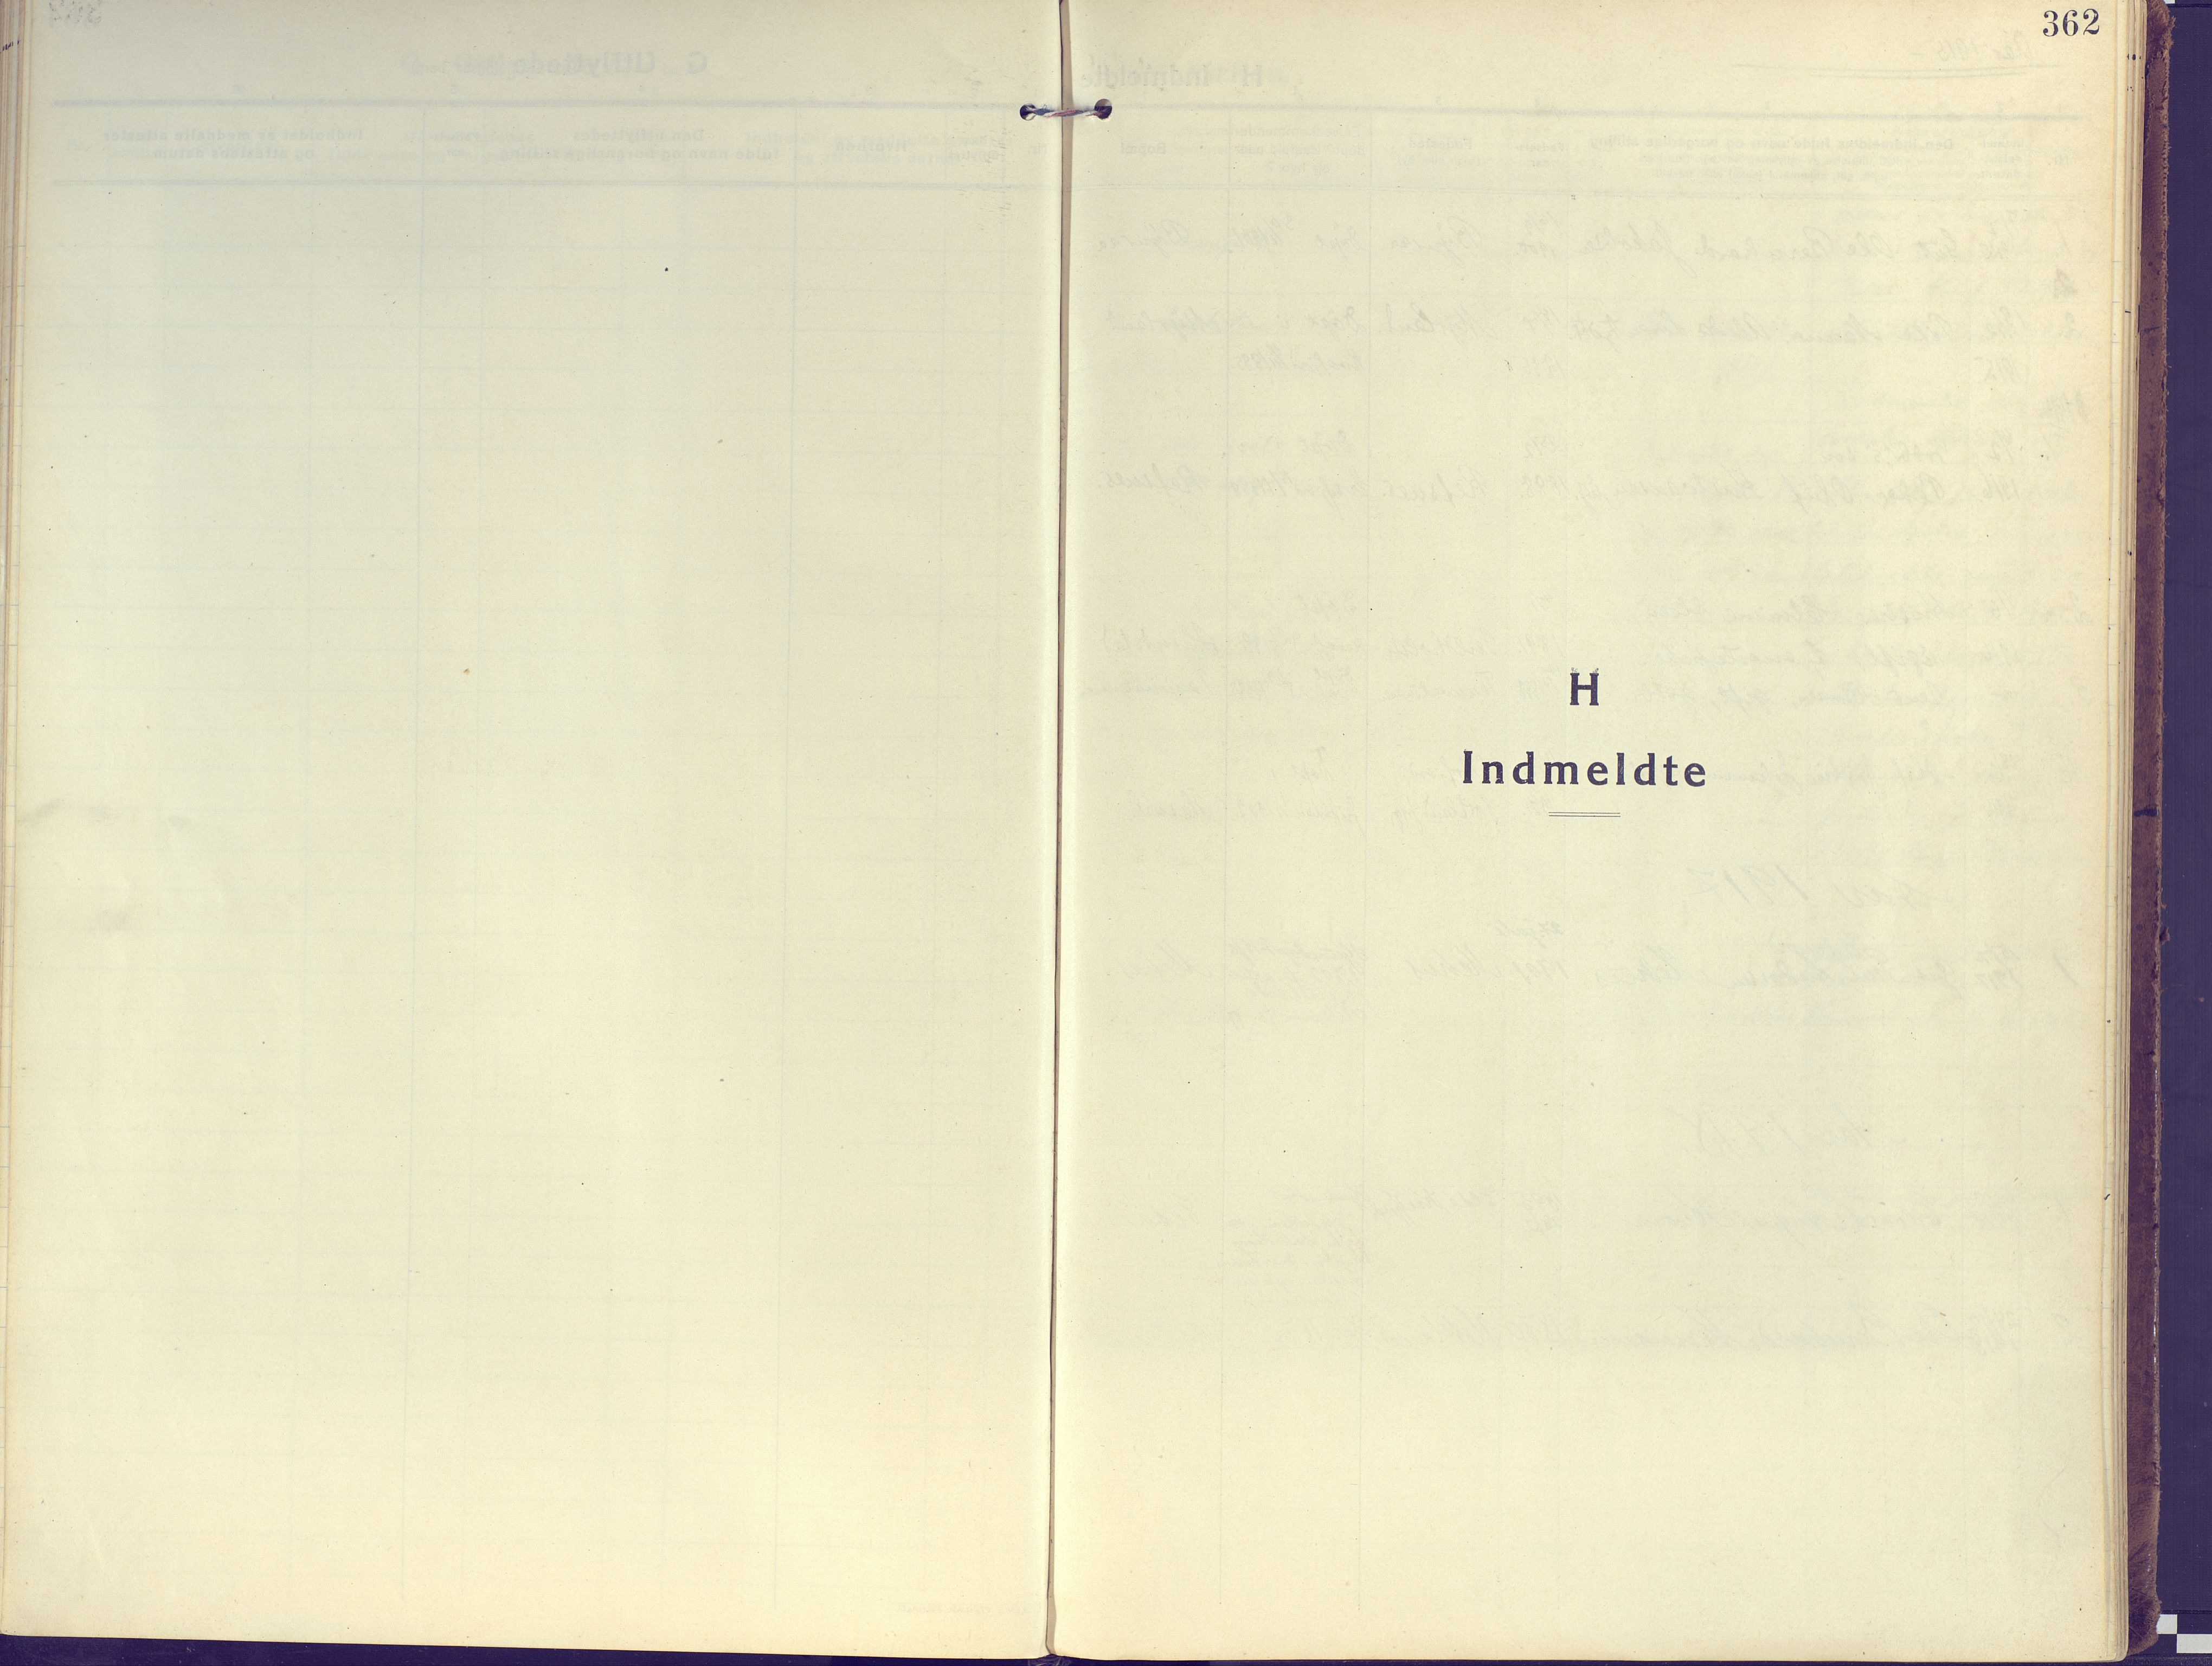 SATØ, Kvæfjord sokneprestkontor, G/Ga/Gaa/L0007kirke: Ministerialbok nr. 7, 1915-1931, s. 362